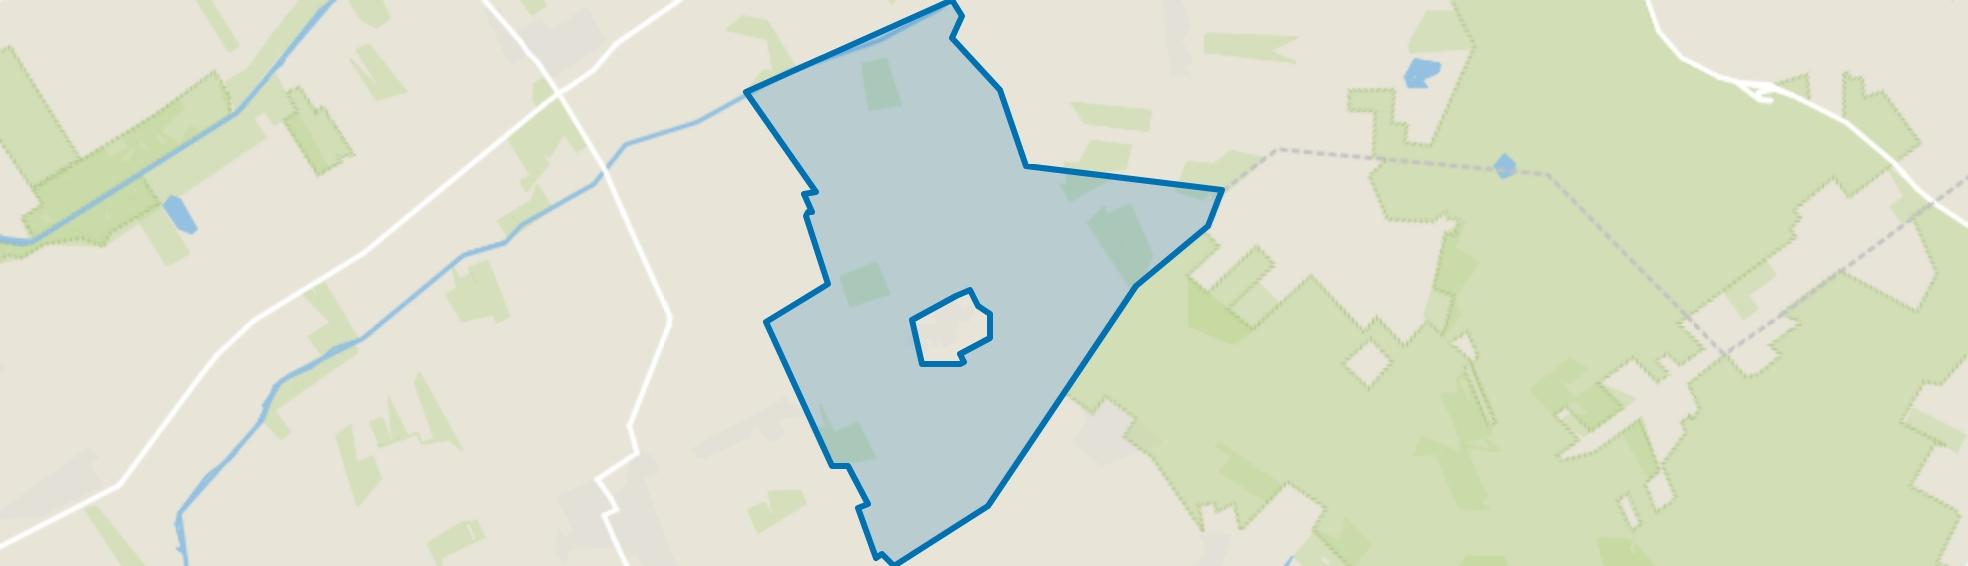 Boijl-Buitengebied, Boijl map